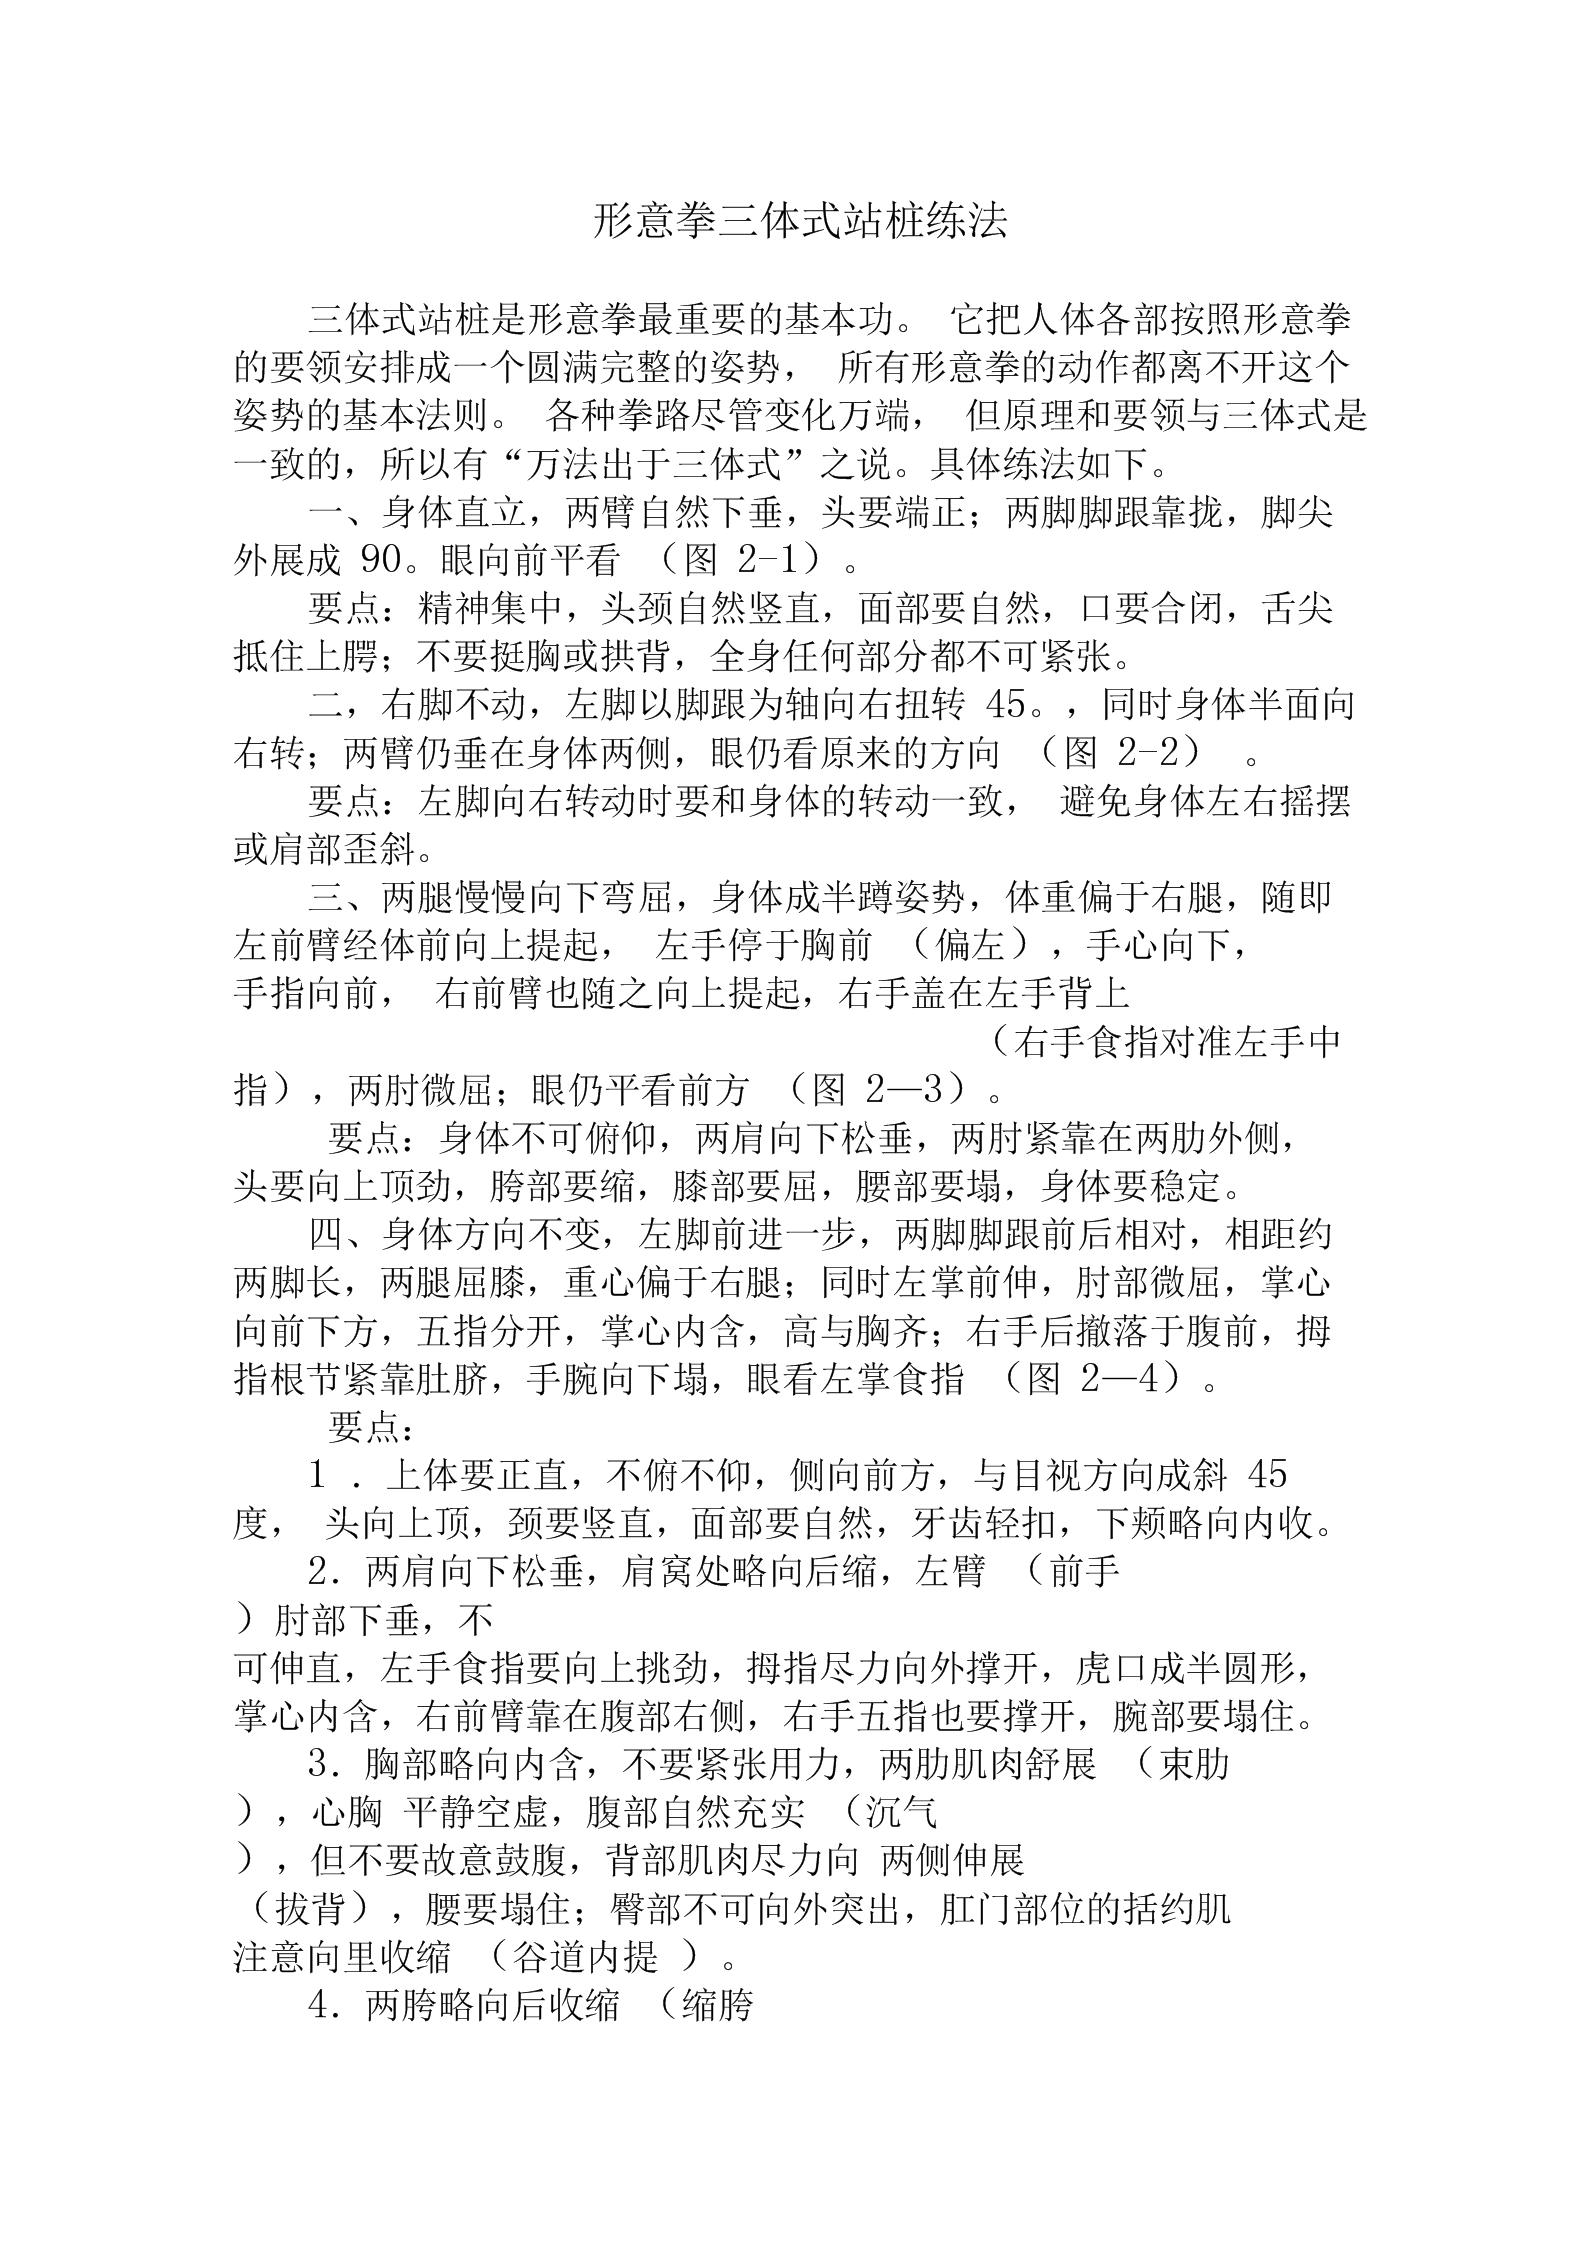 形意拳三体式站桩练法.docx